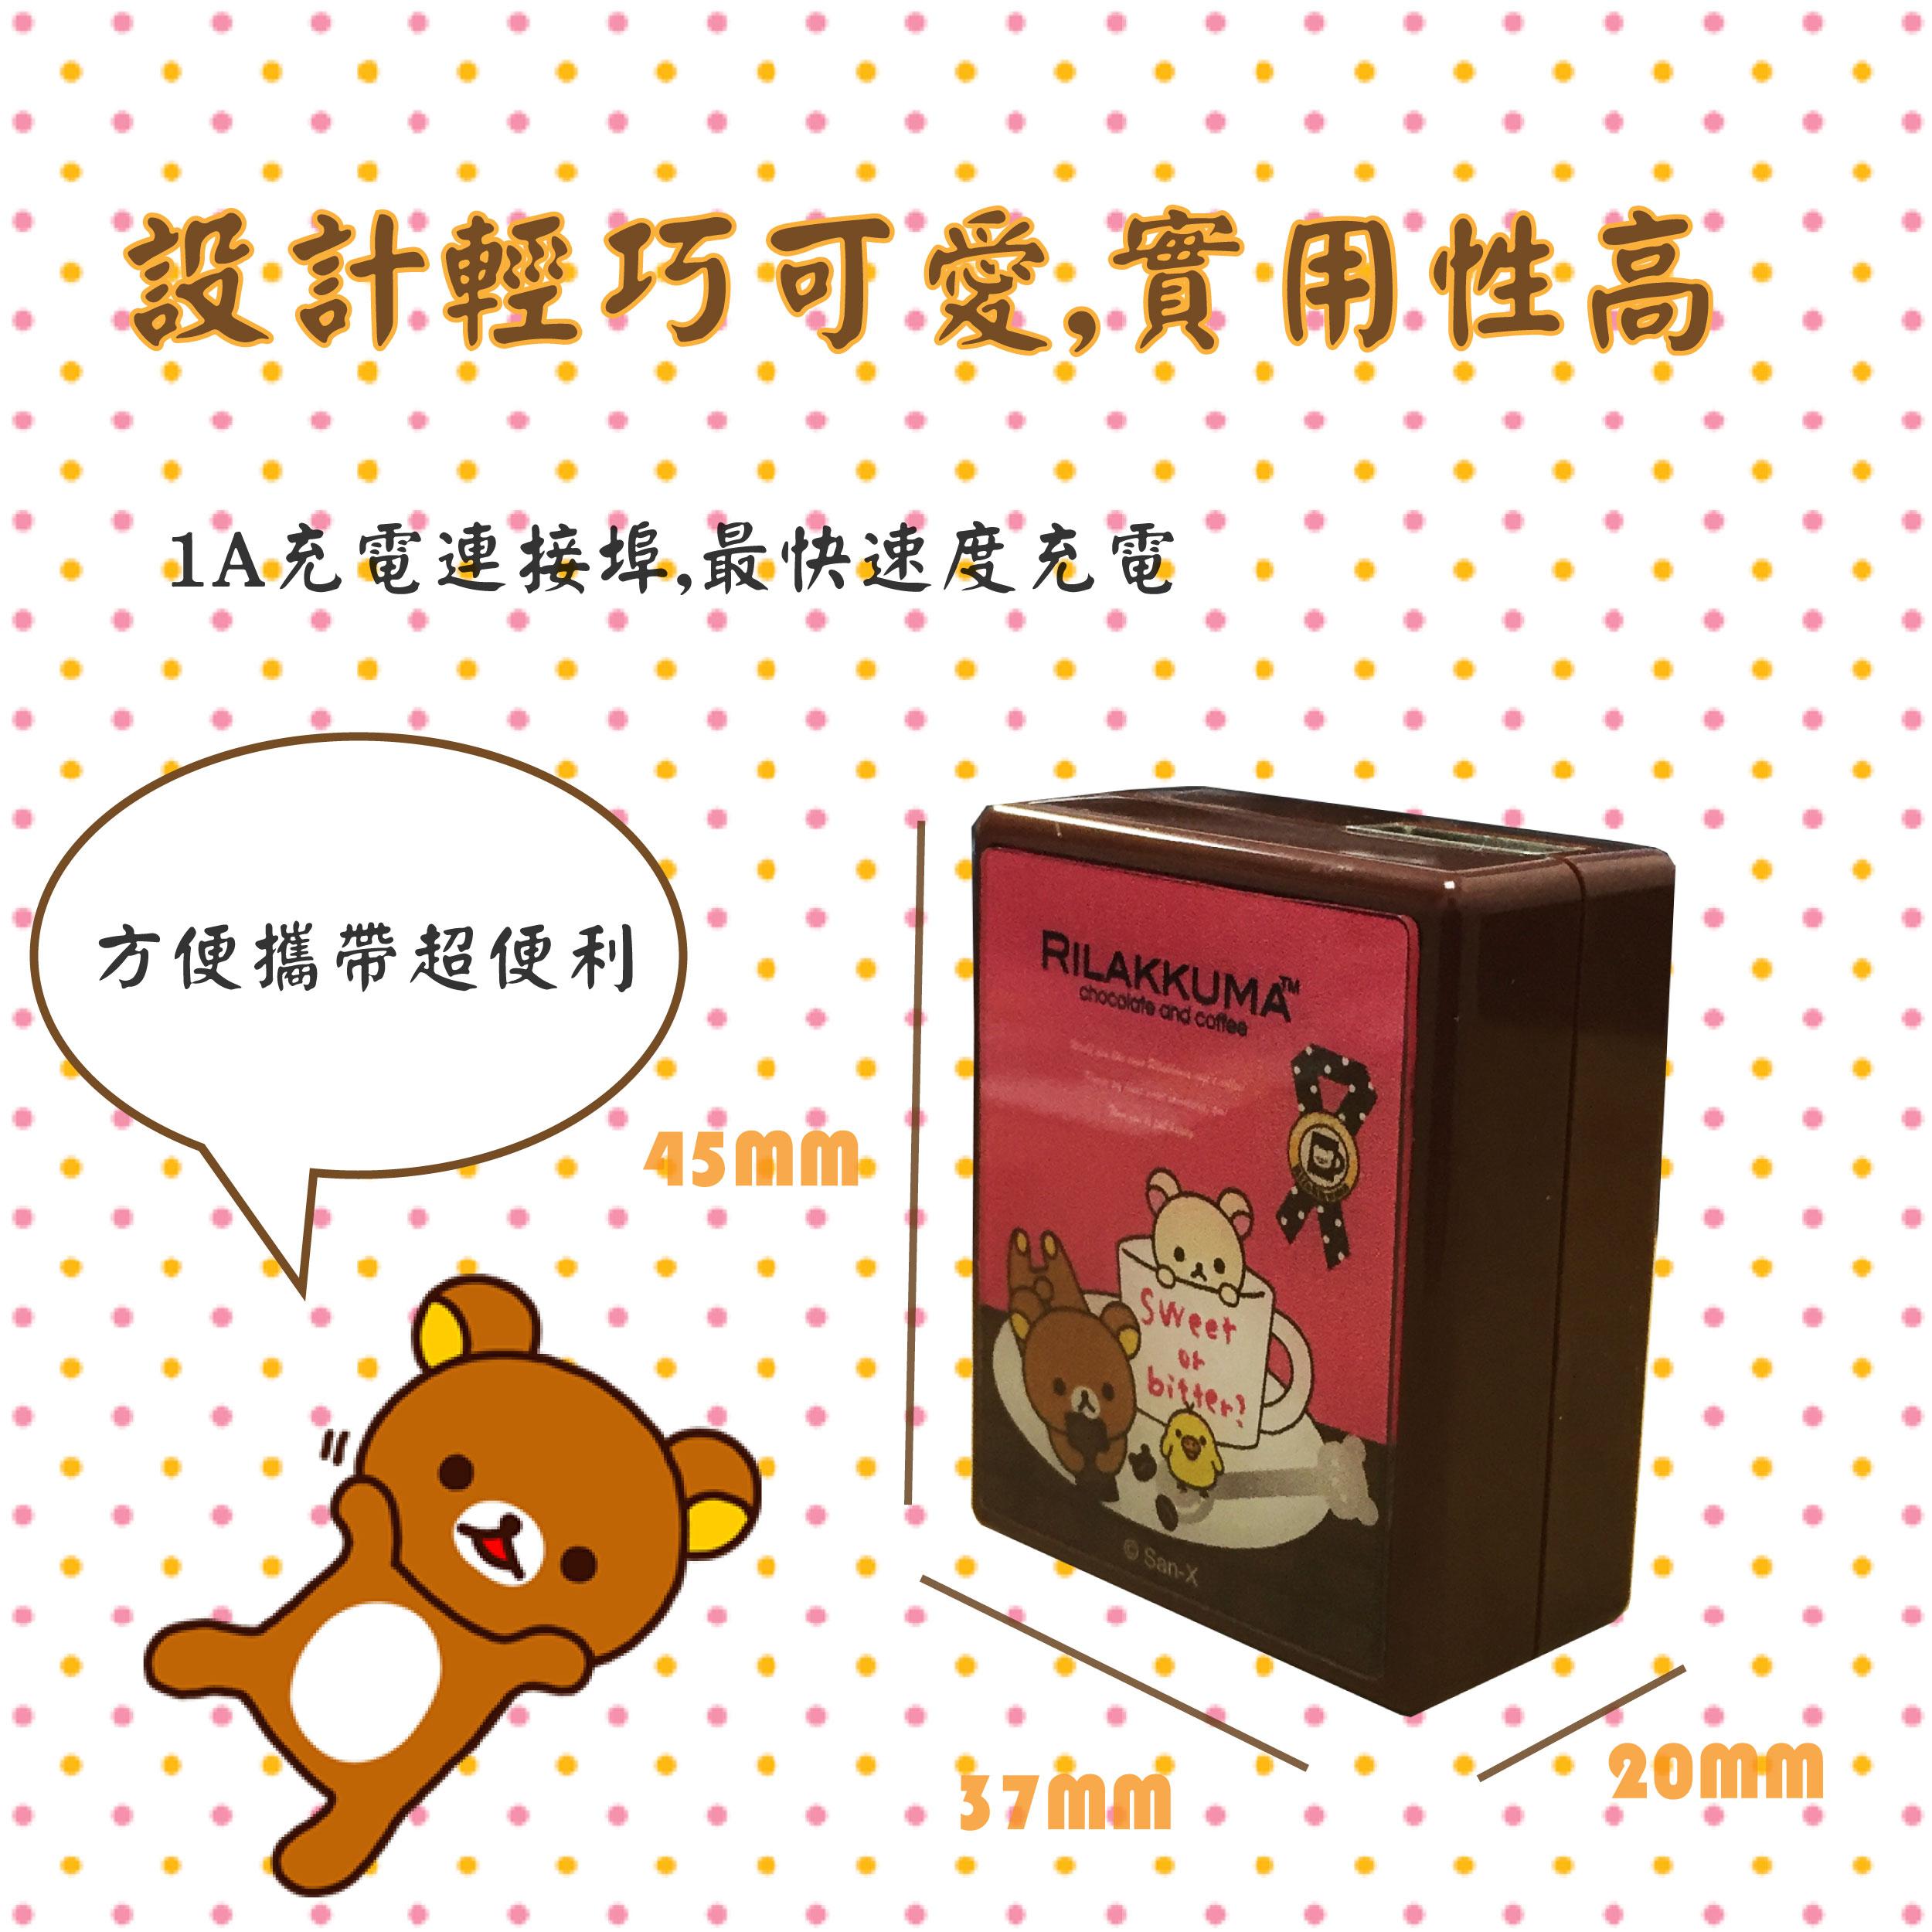 【巧克力熊】大朋友小朋友都愛的拉拉熊電源插座 有快充效果